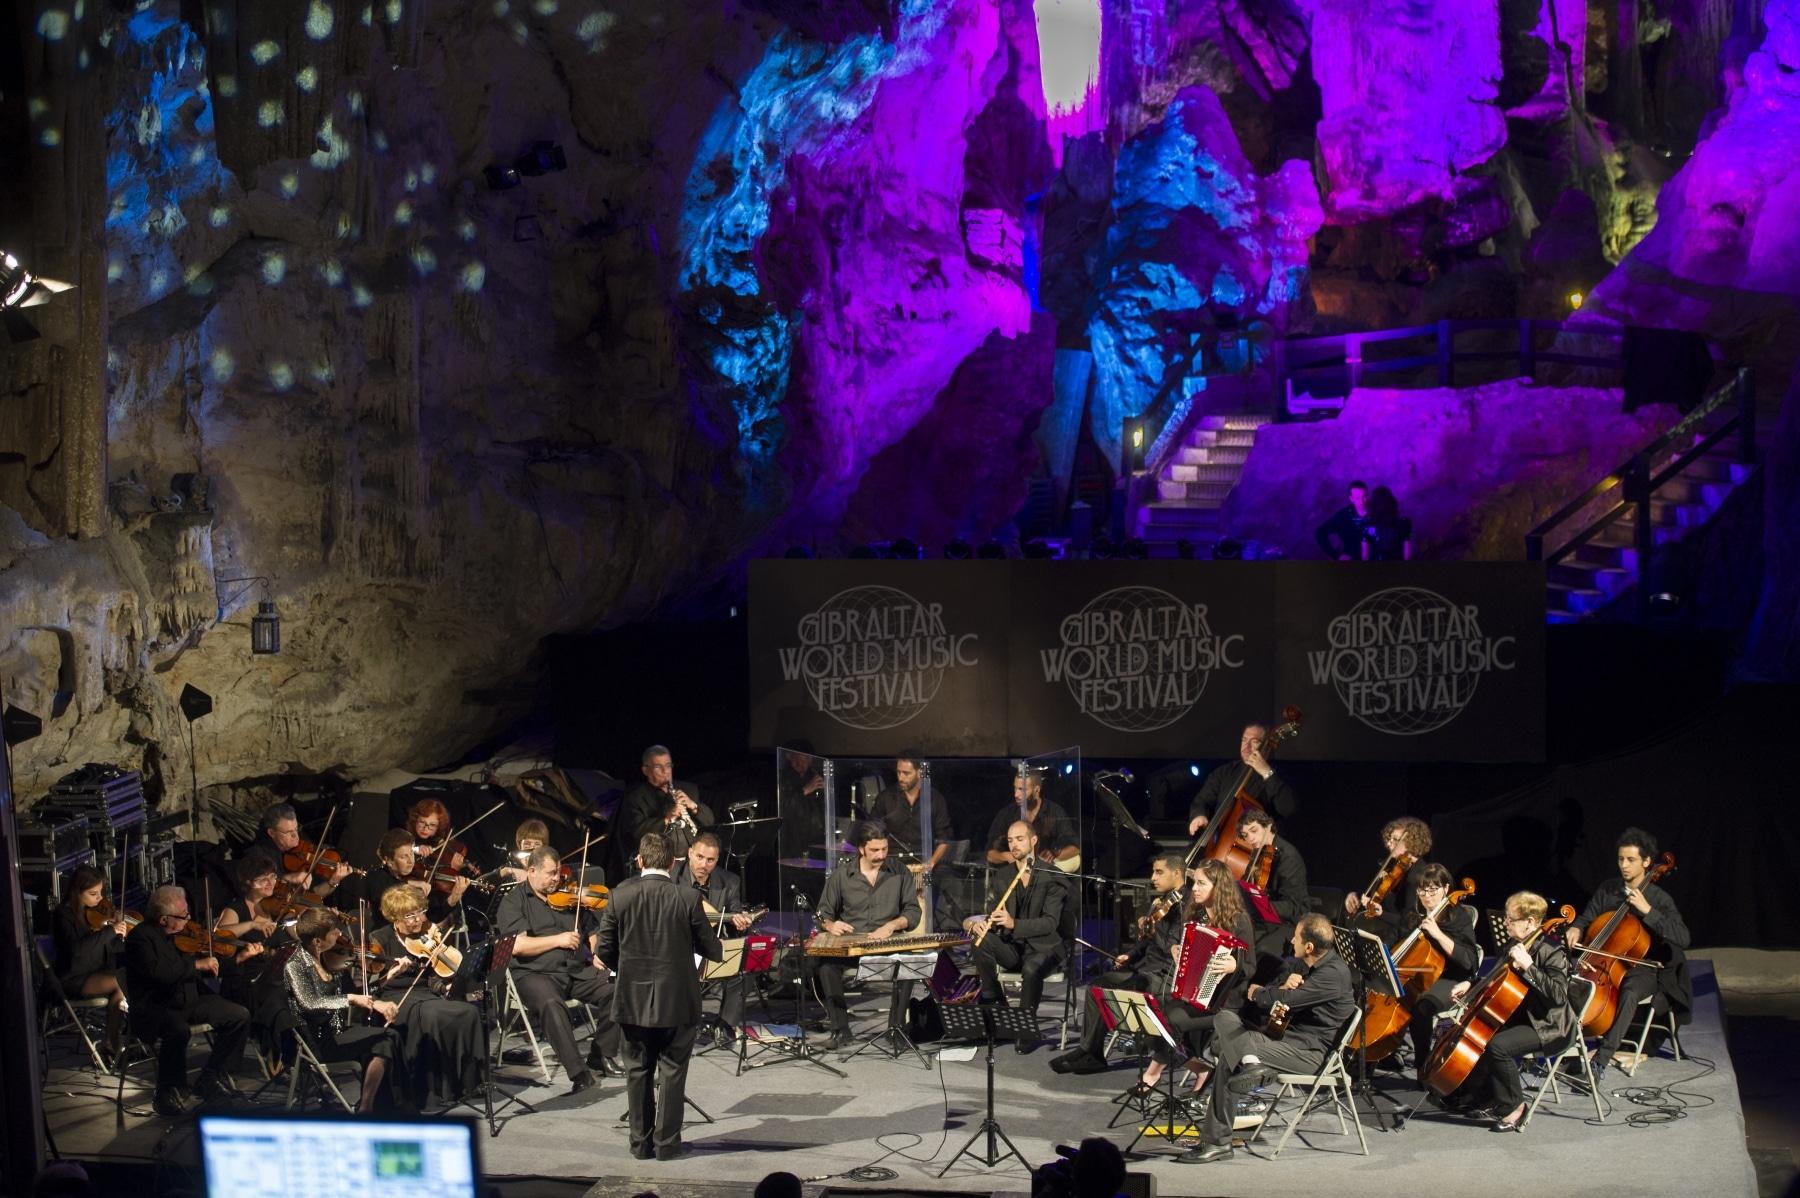 gibraltar-world-music-festival-dia-2-yasmin-levy-mediterranean-andalusian-orchestra-ashkelon-30_9222722493_o